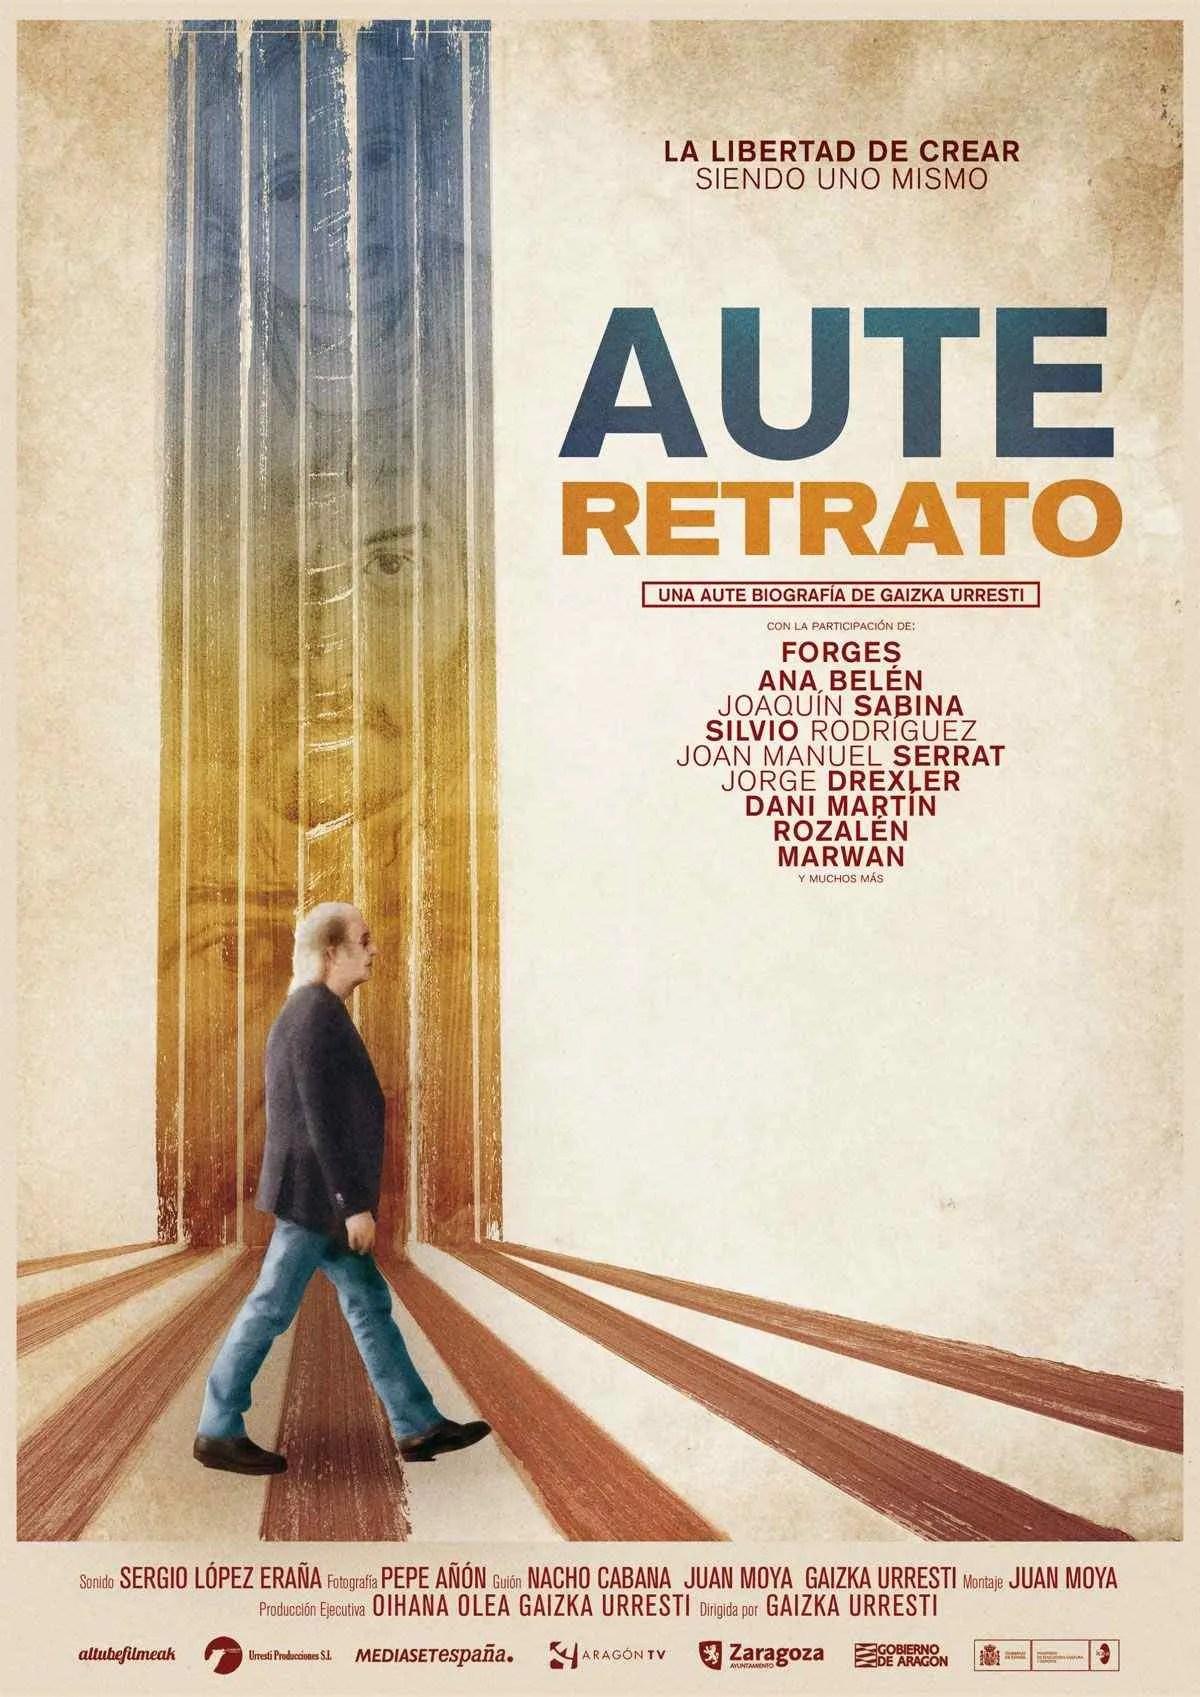 El documental Aute Retrato es una de las propuestas de la Consejería Cultural de la Embajada de España en este Cubadisco.